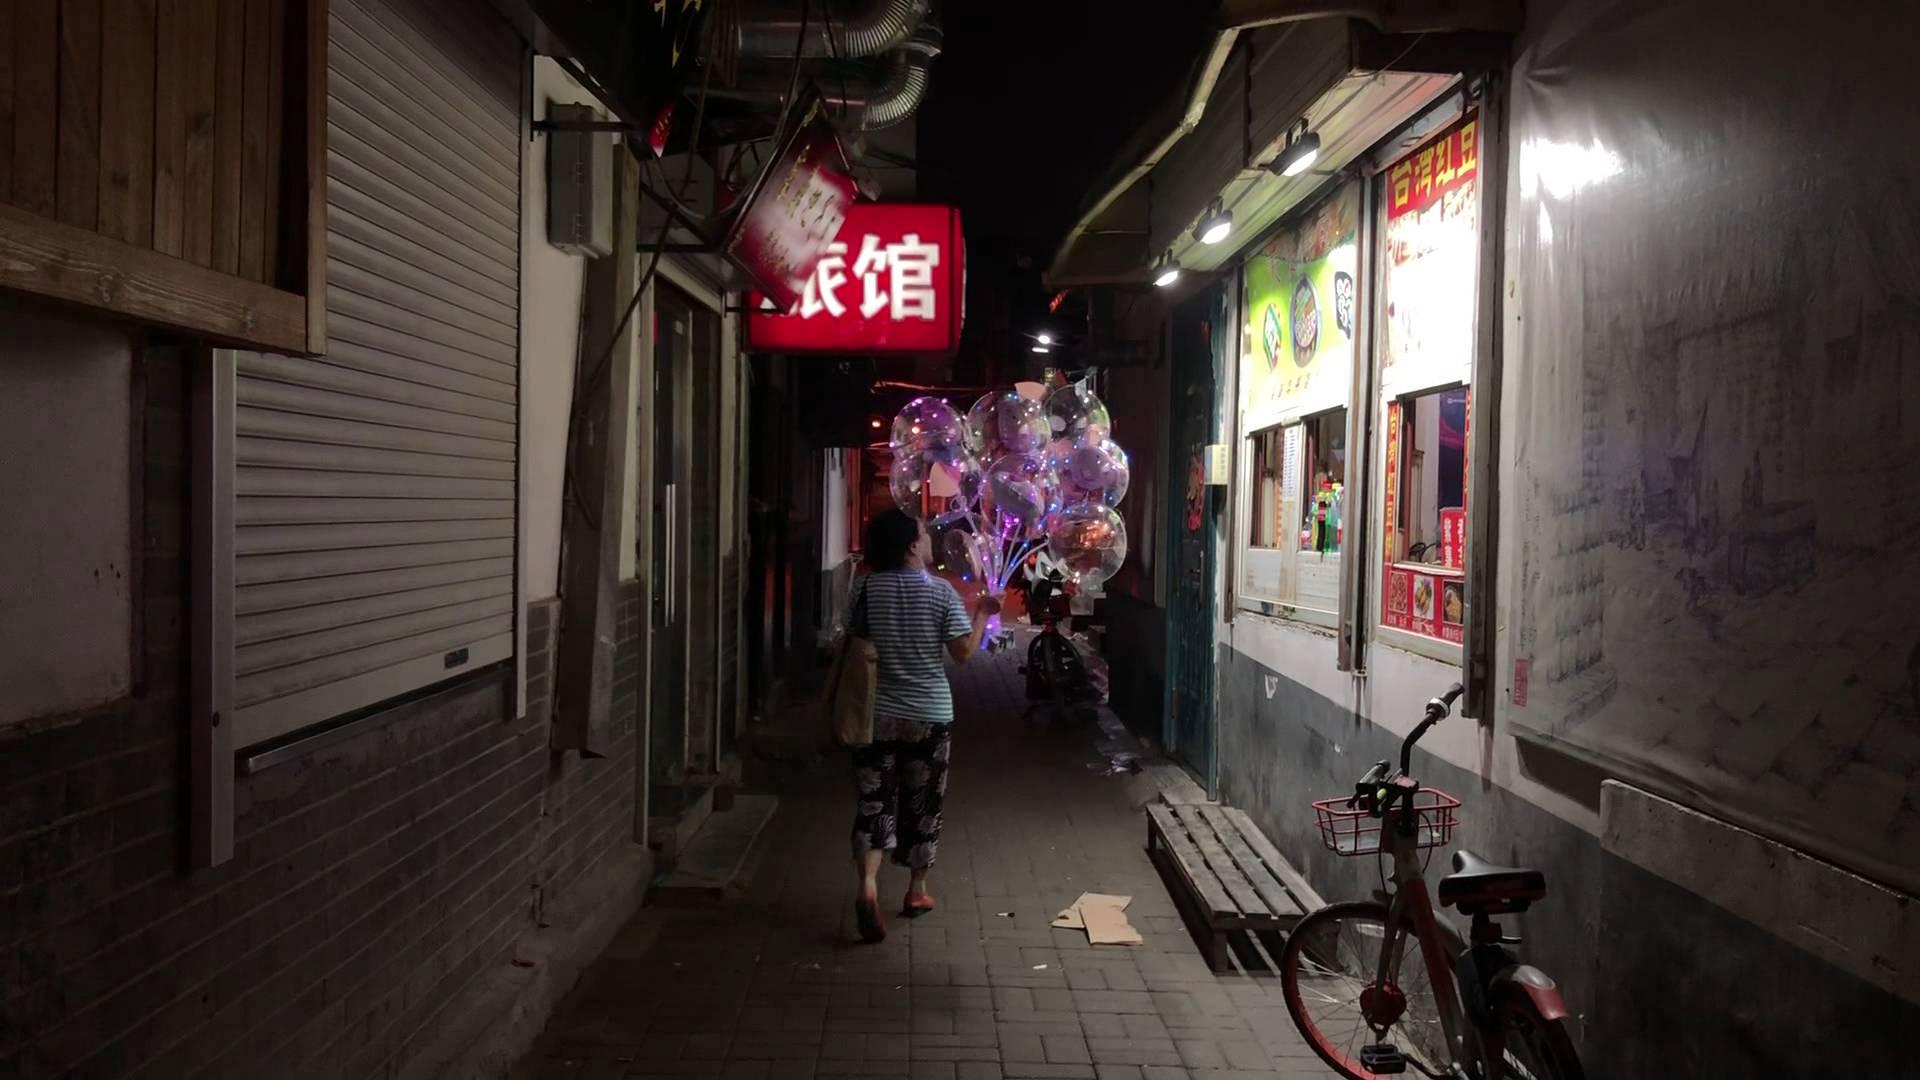 济南市出台政策发展夜间经济 你期待的泉城夜市要来啦